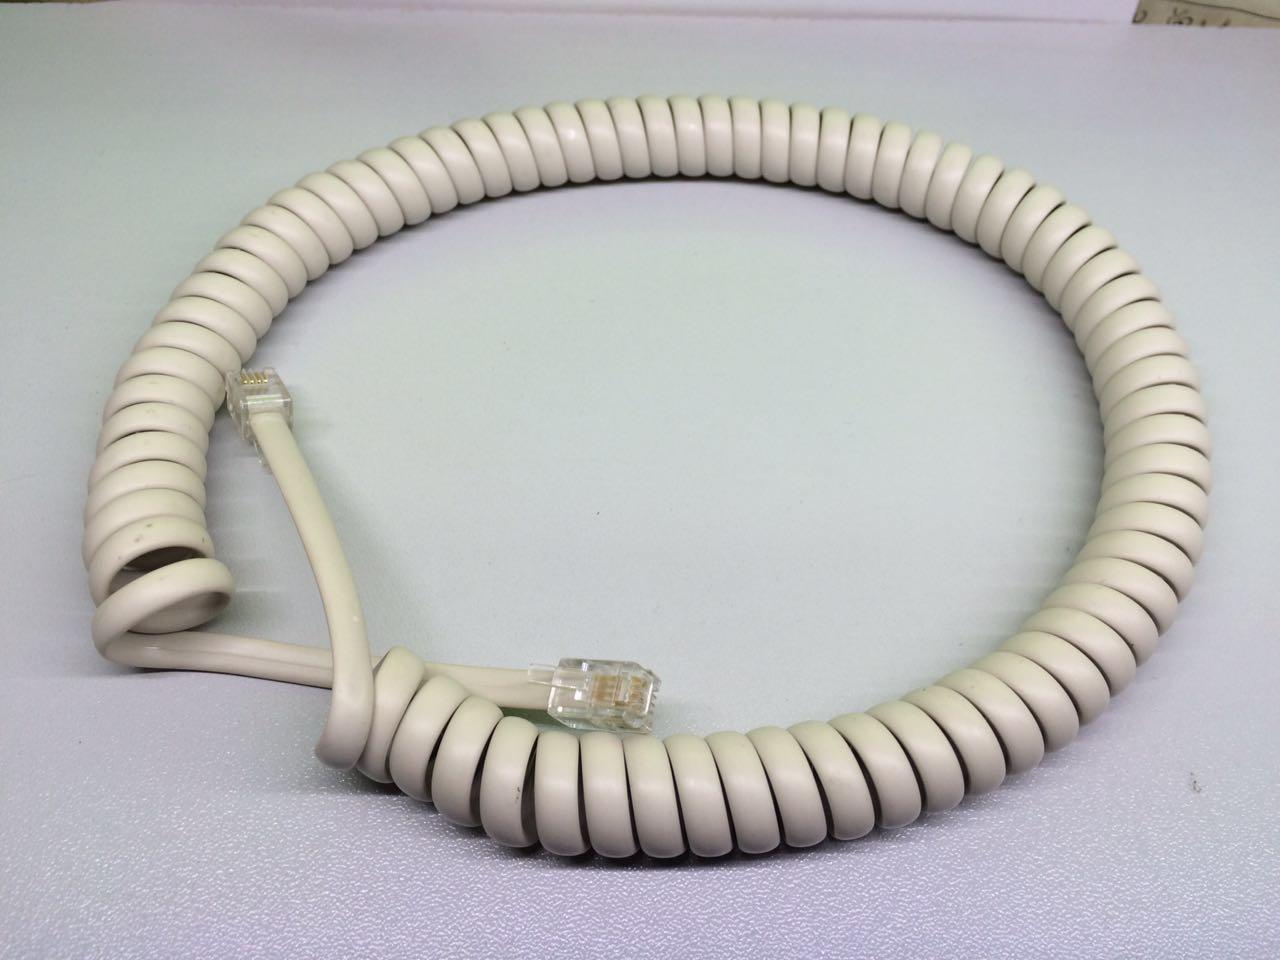 办公电话机话筒加长听筒线铜丝红色灰色电话座机连接手柄曲线黄色